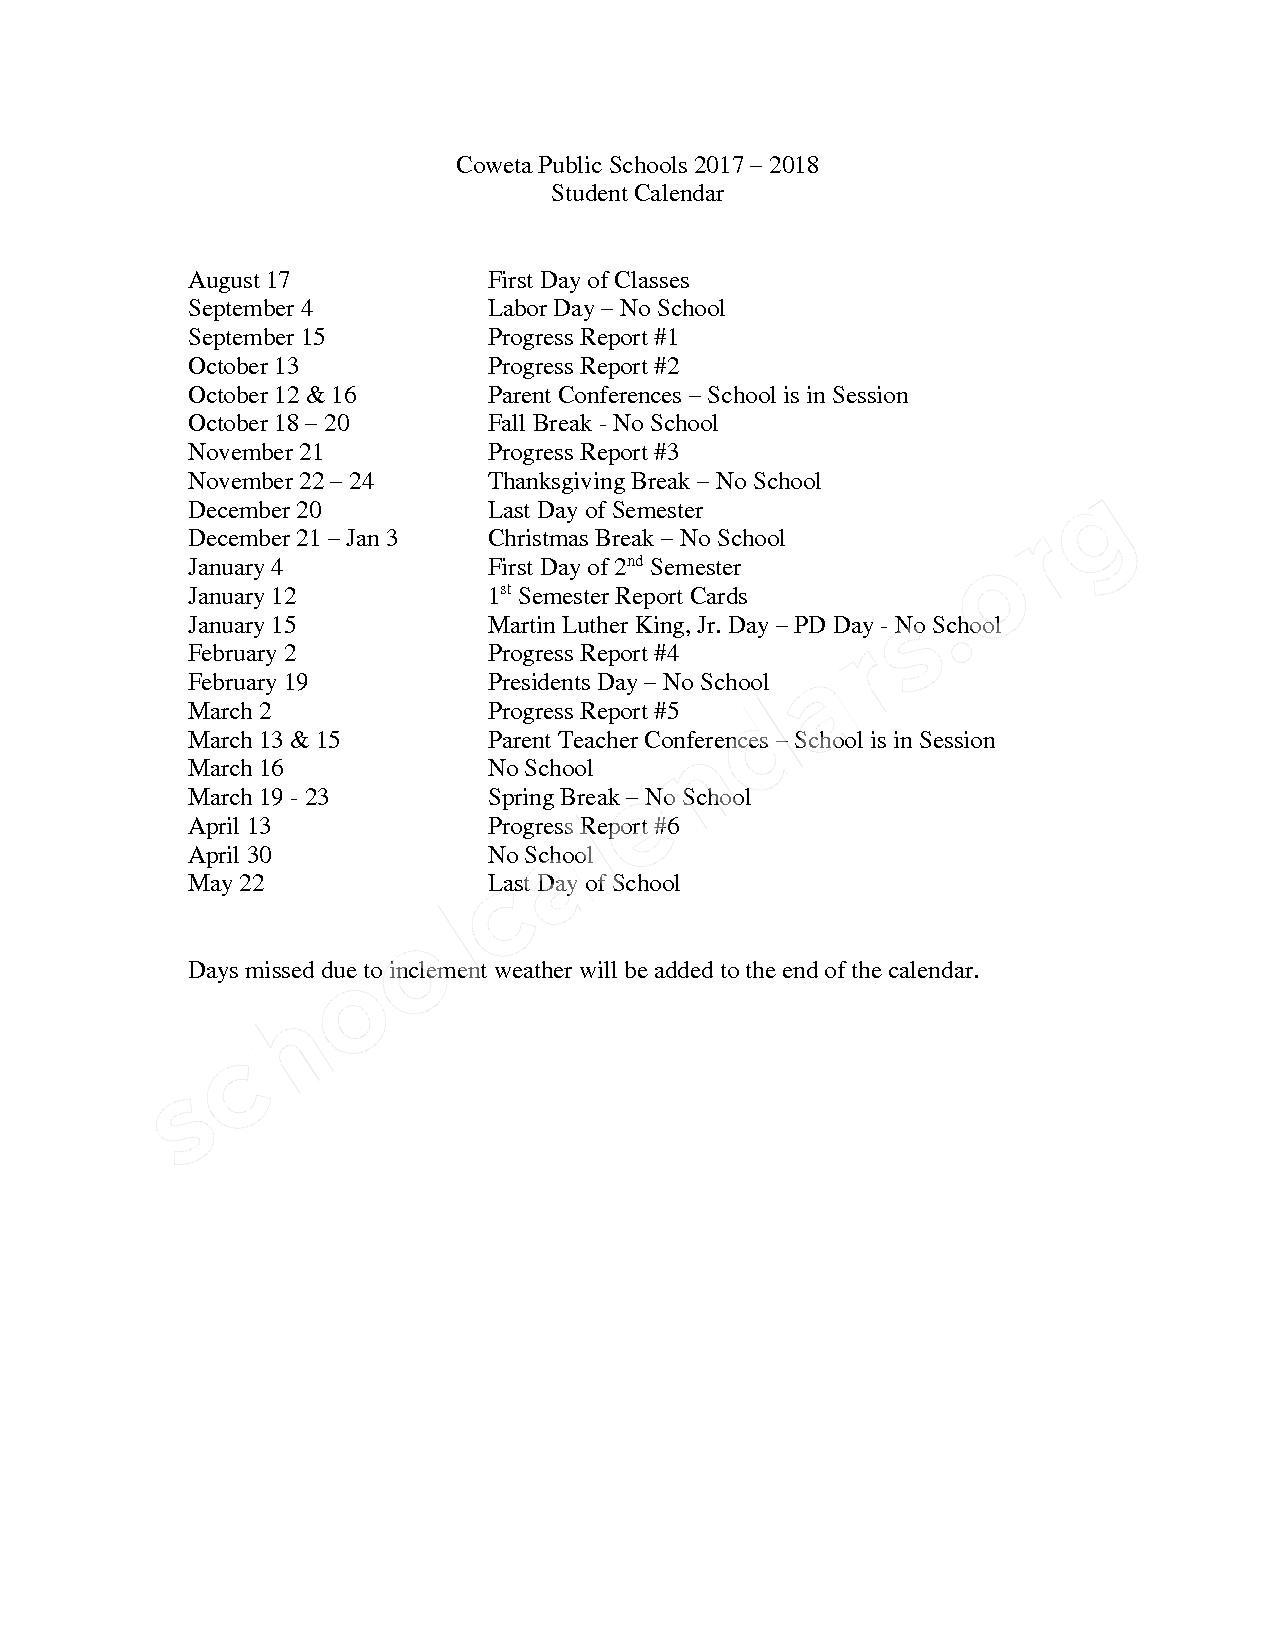 2017 - 2018 School Calendar – Coweta Public Schools – page 1